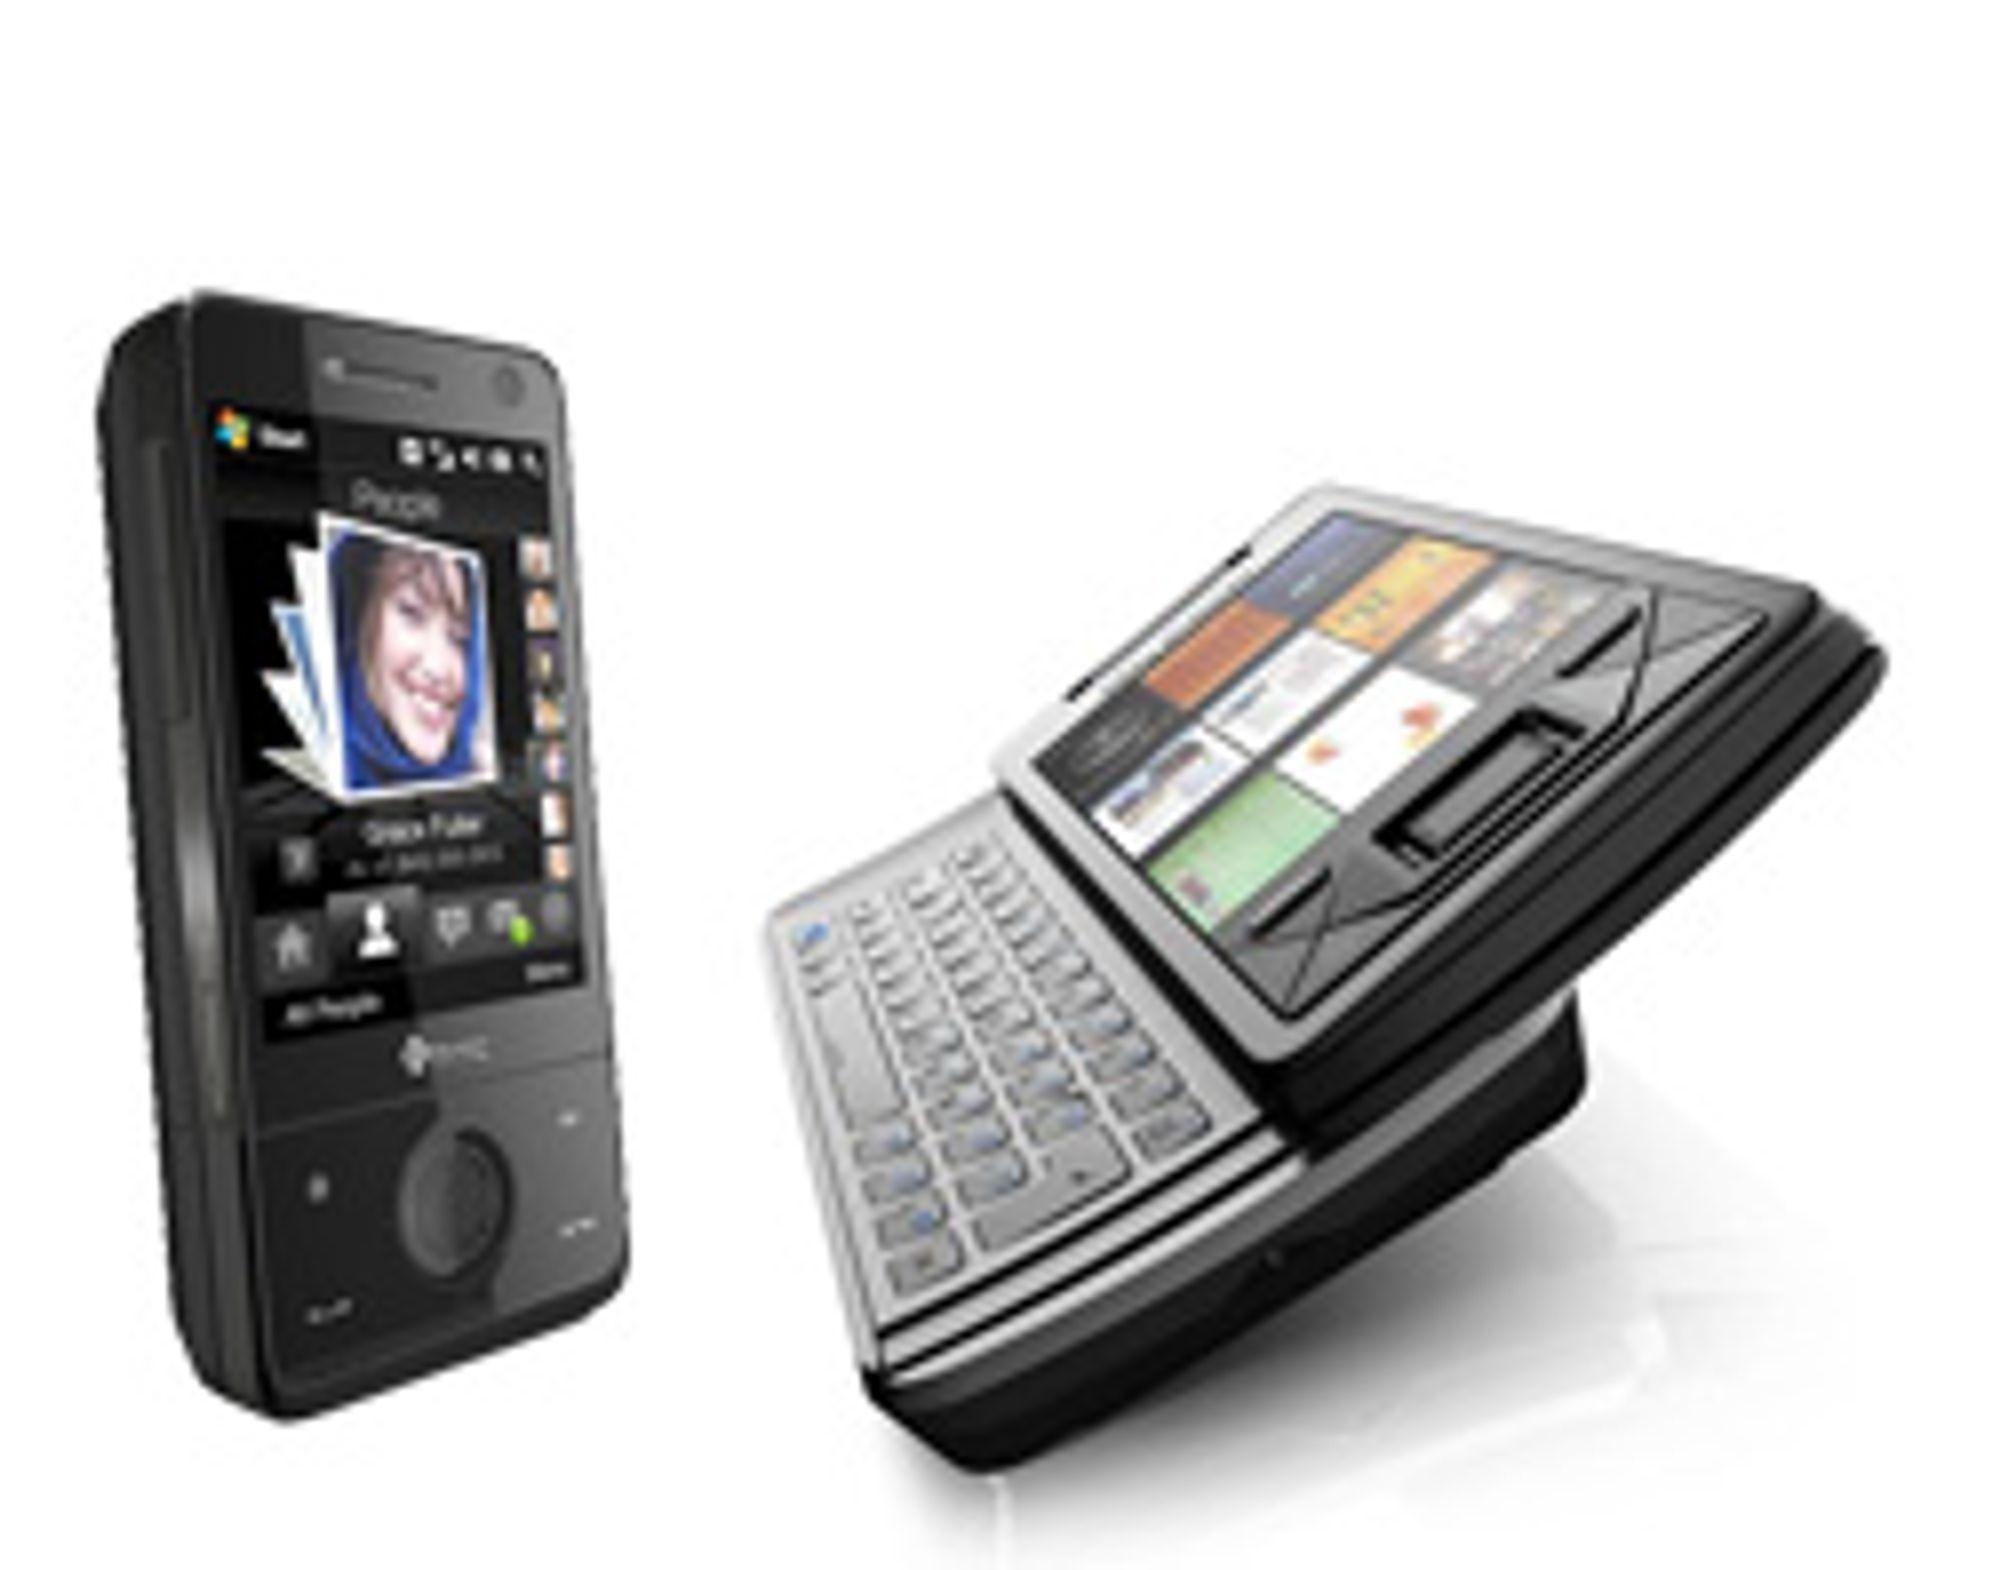 HTC Touch Pro til venstre og Sony Ericsson Xperia X1 til høyre har begge fulltastatur. (Foto: pressefoto)